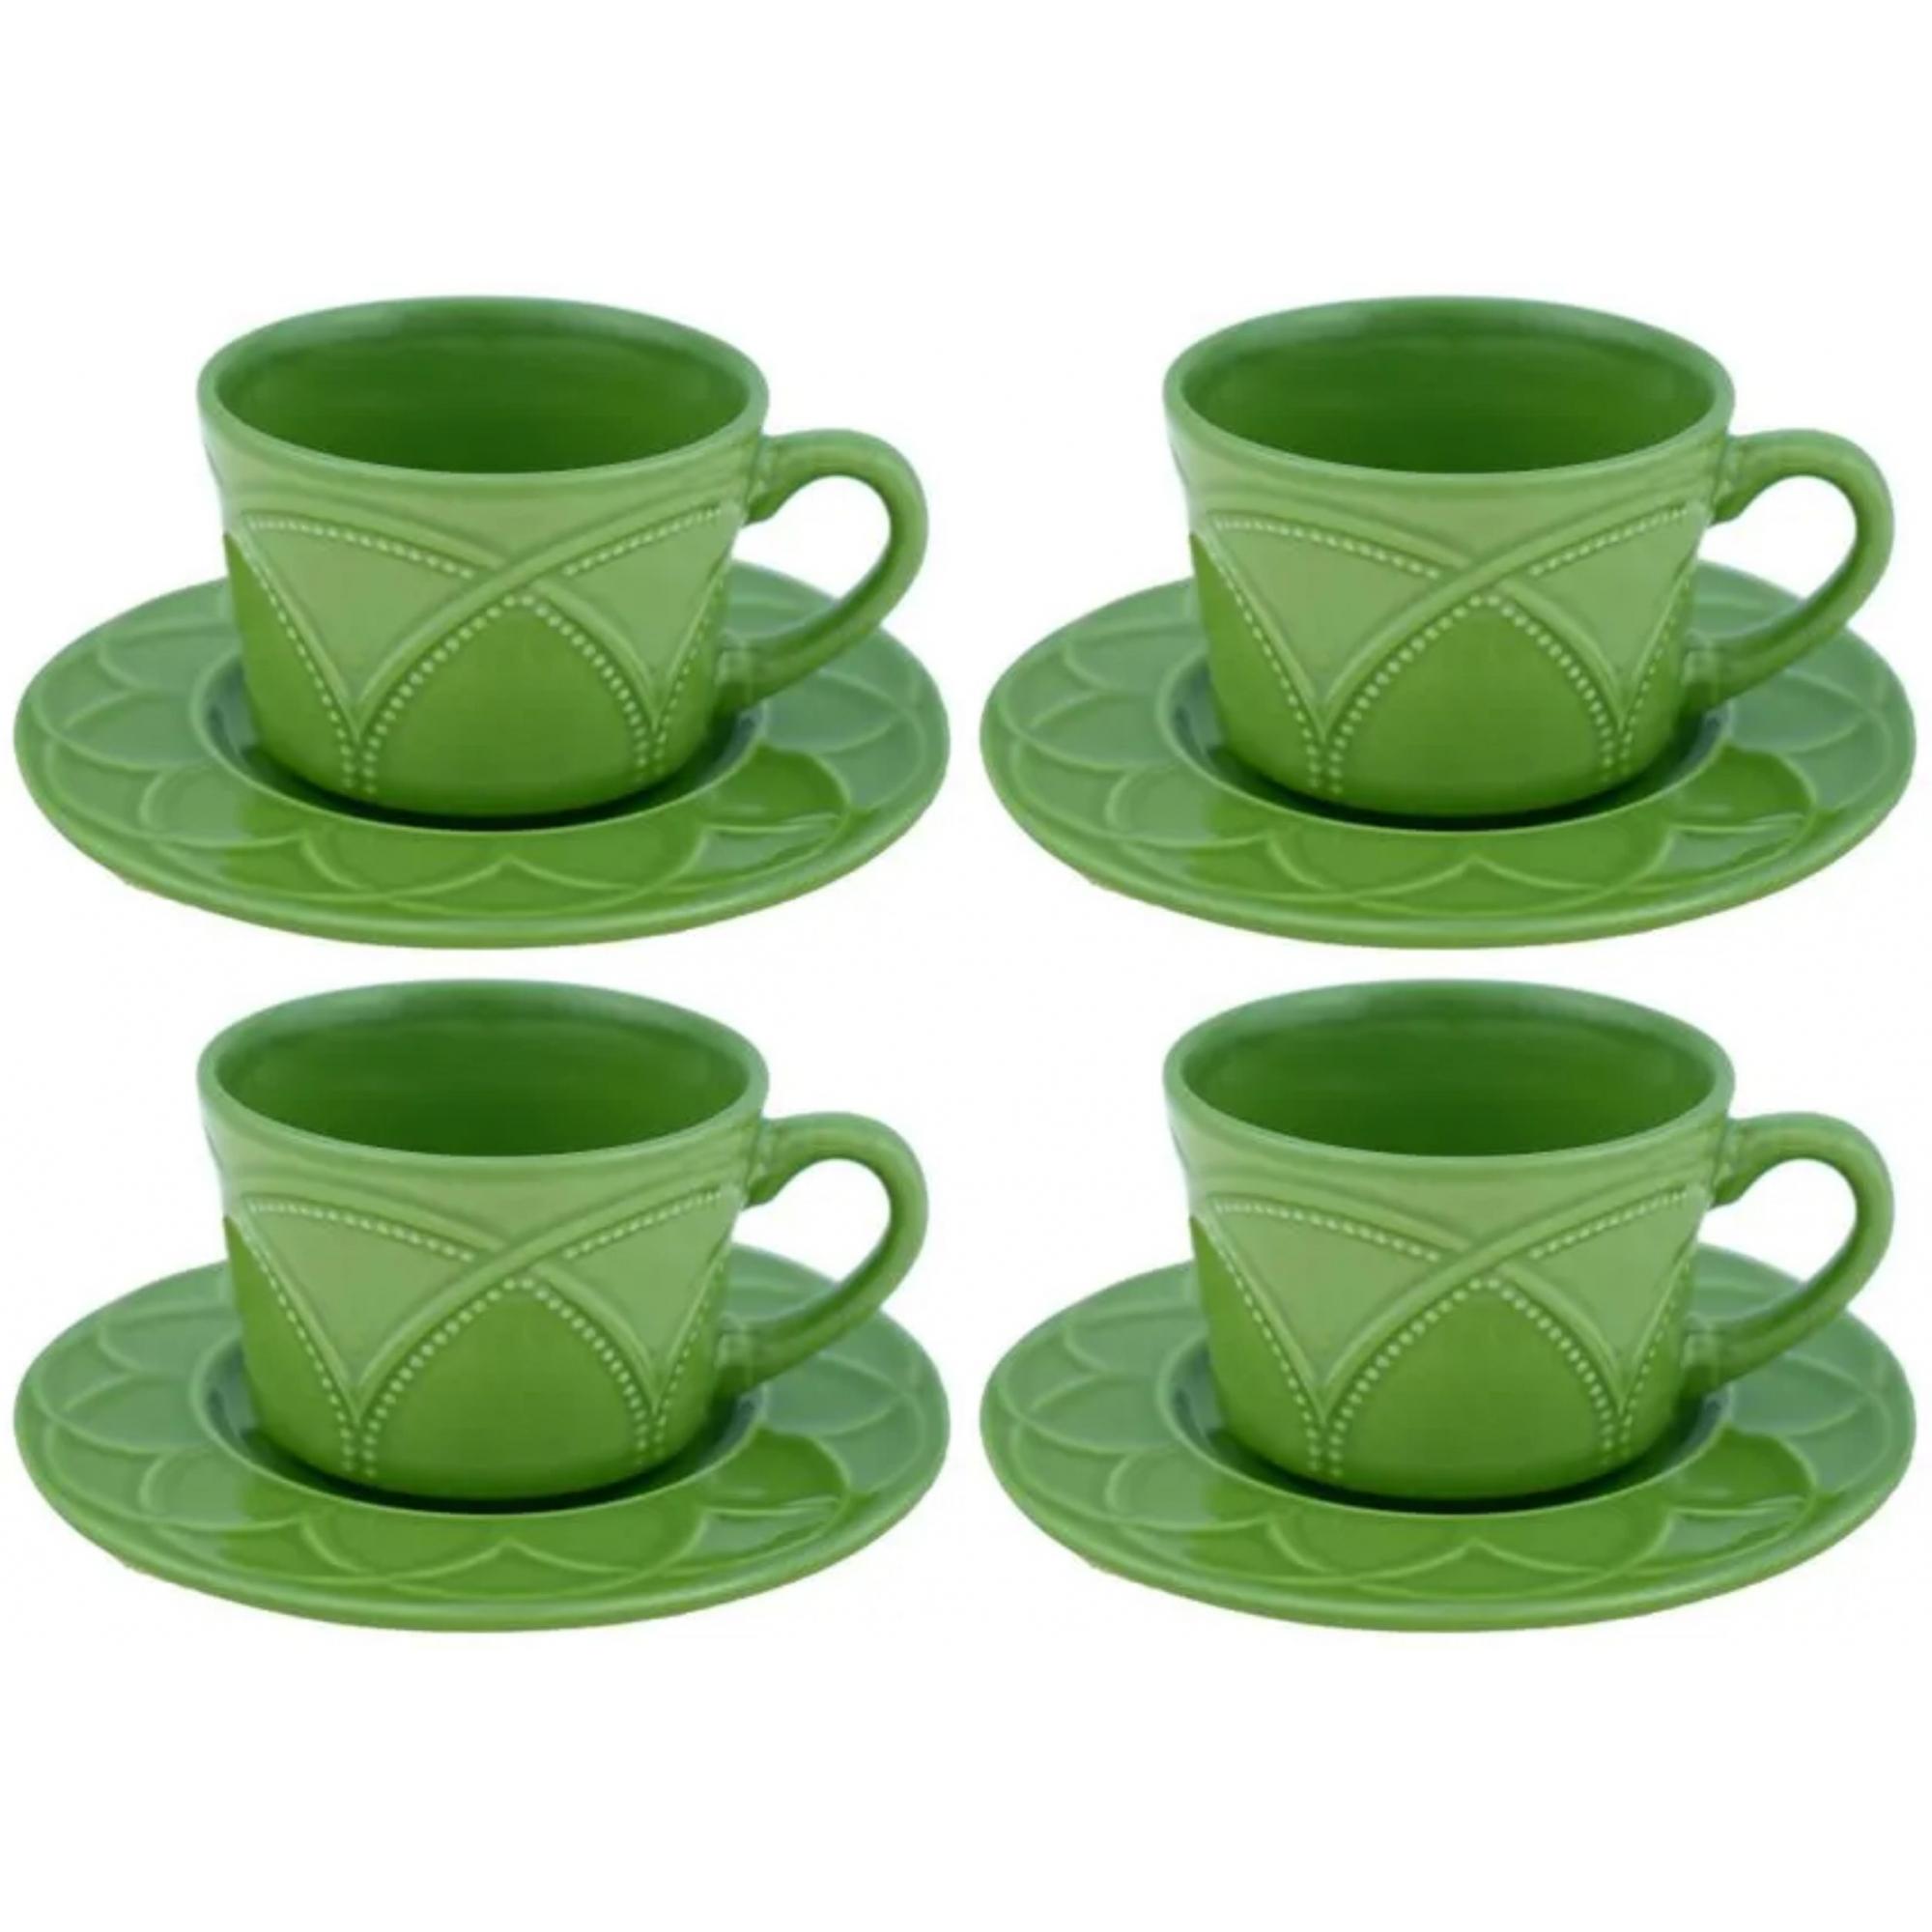 Conjunto de xícaras para chá/café c/ 4 xícaras e pires Íris Olivia 80ml - Wolff